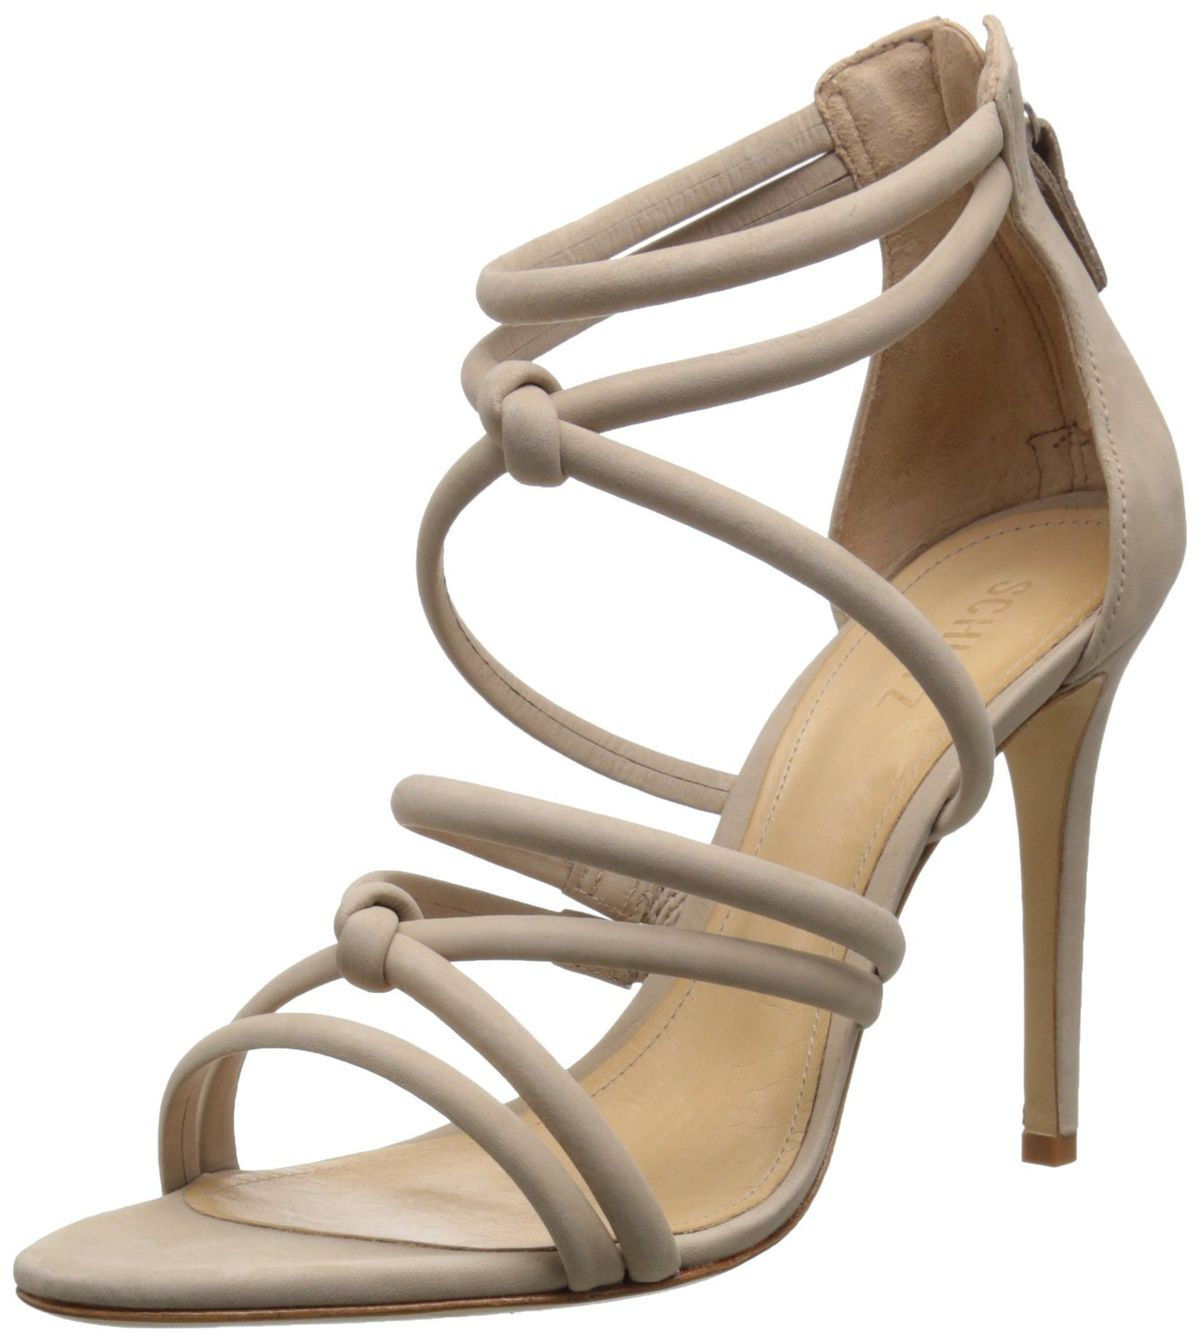 Schutz Mindy Sandal